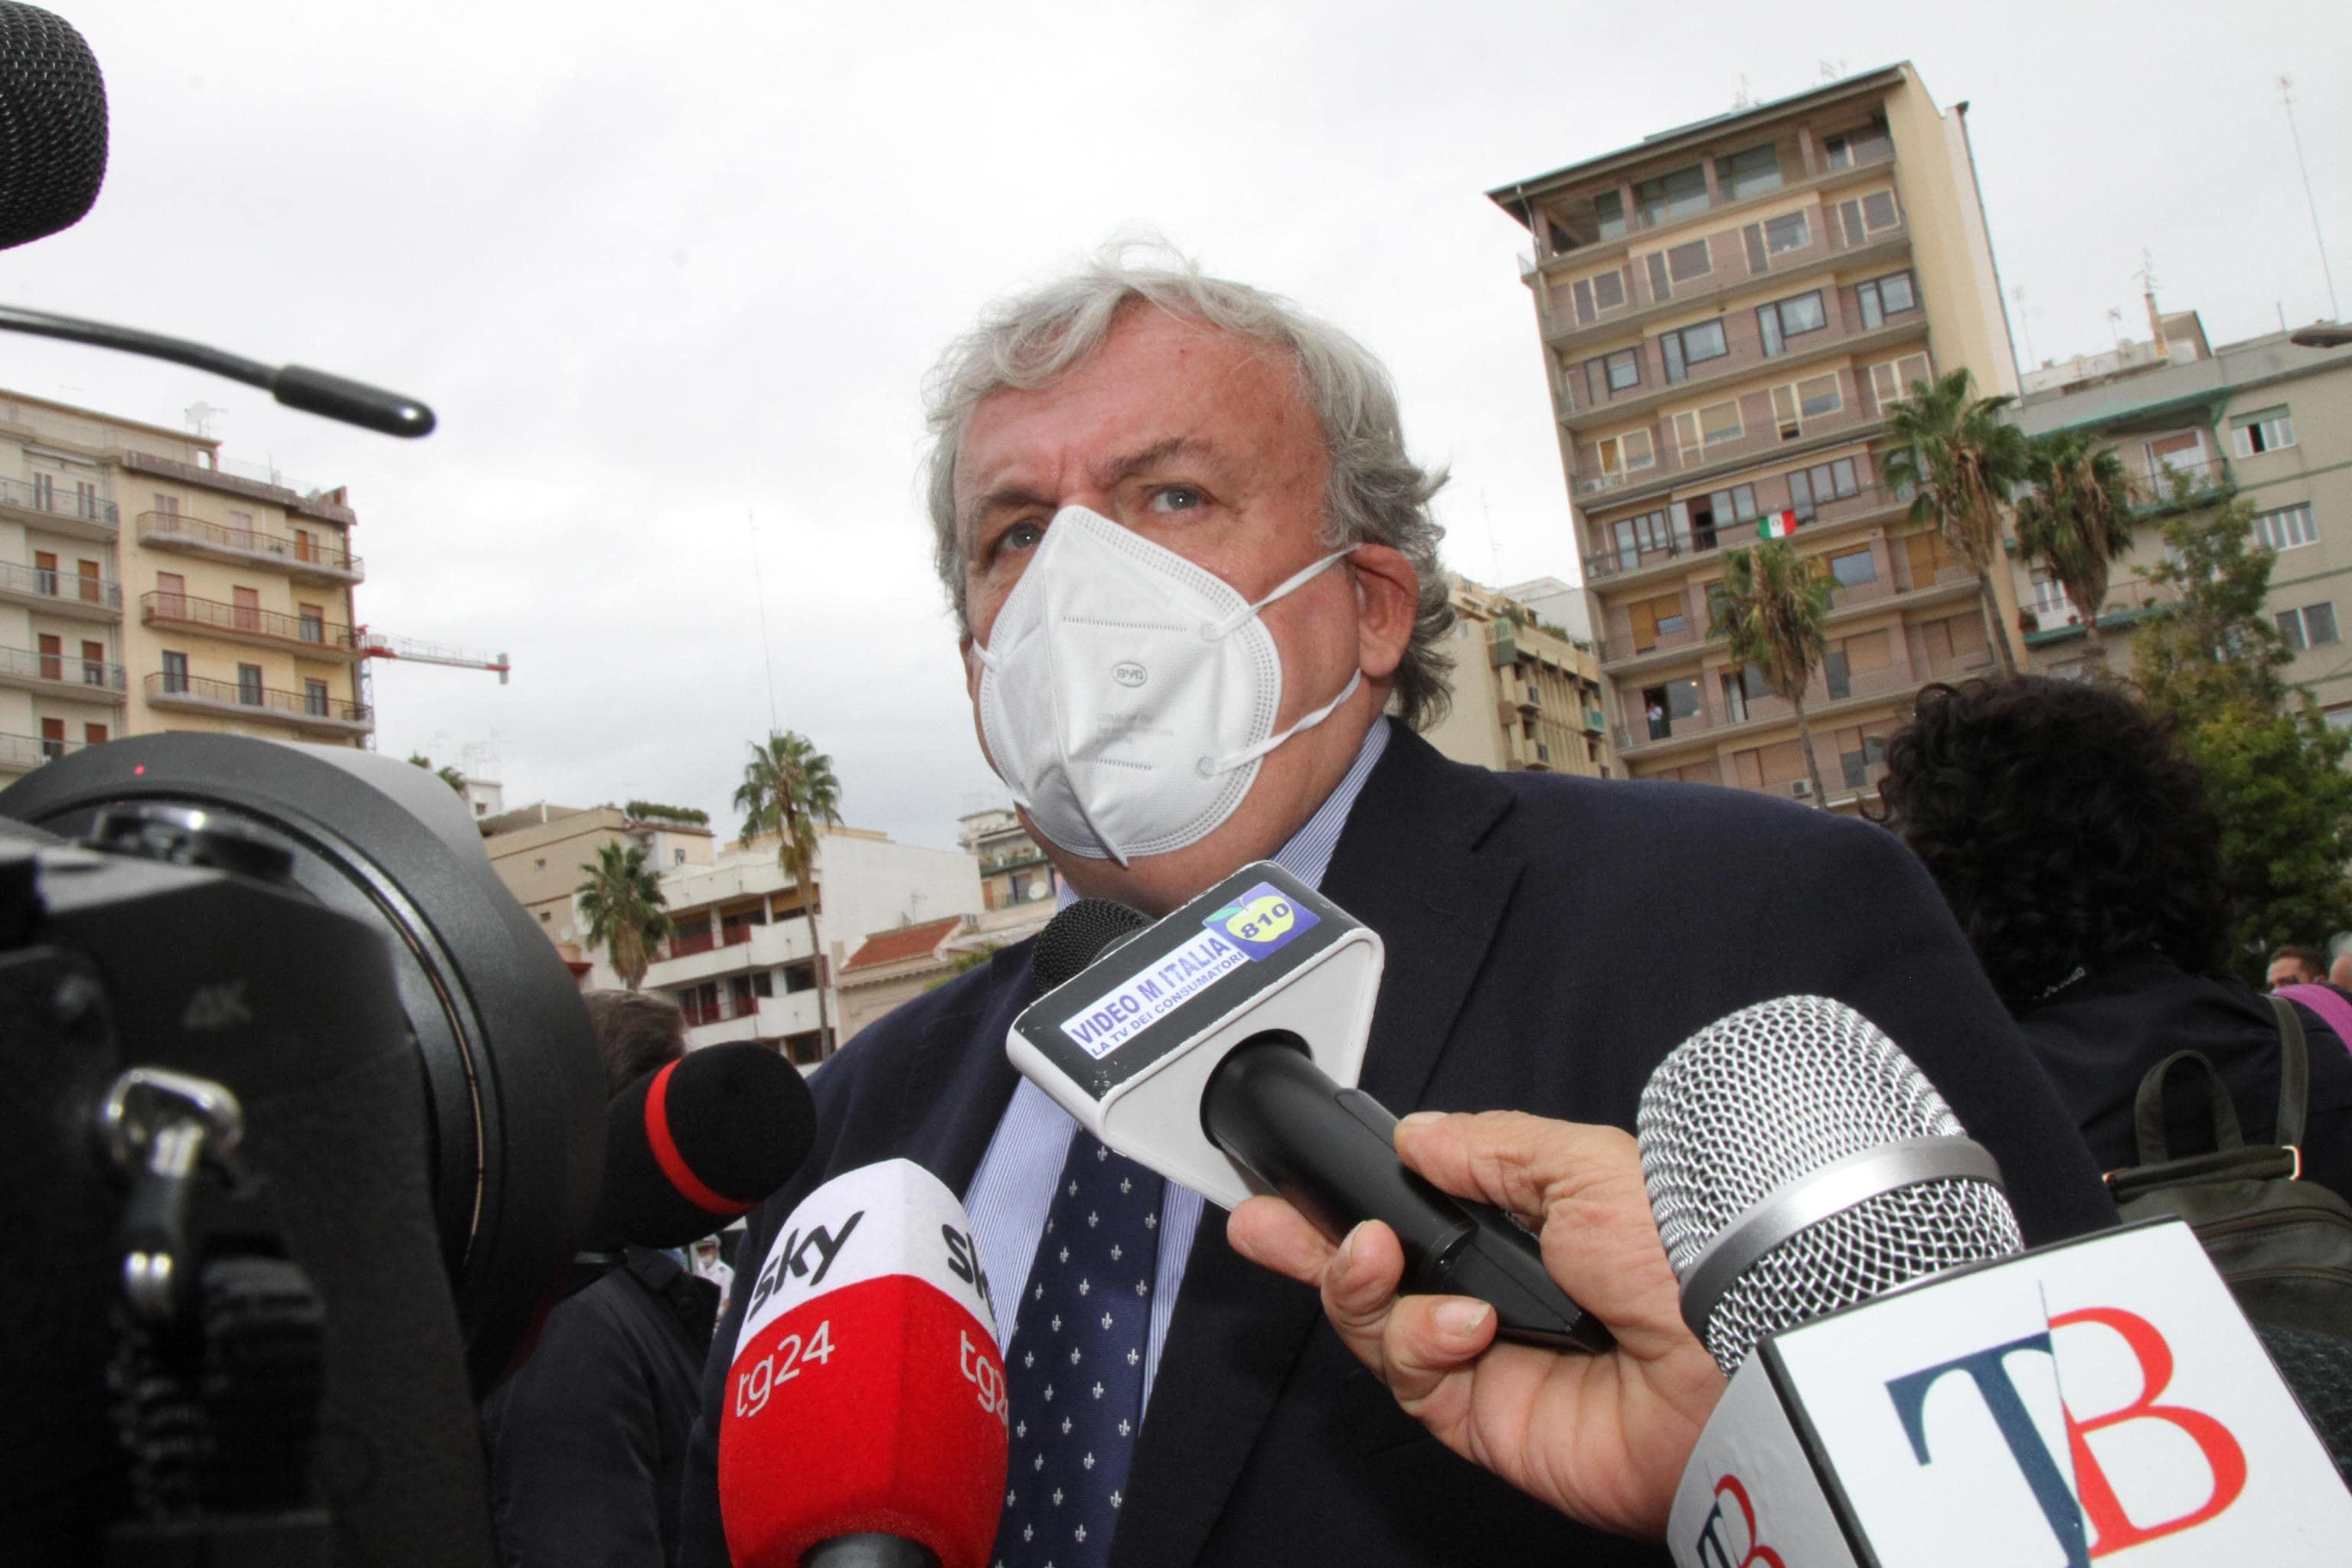 Verso la chiusura delle scuole in Puglia